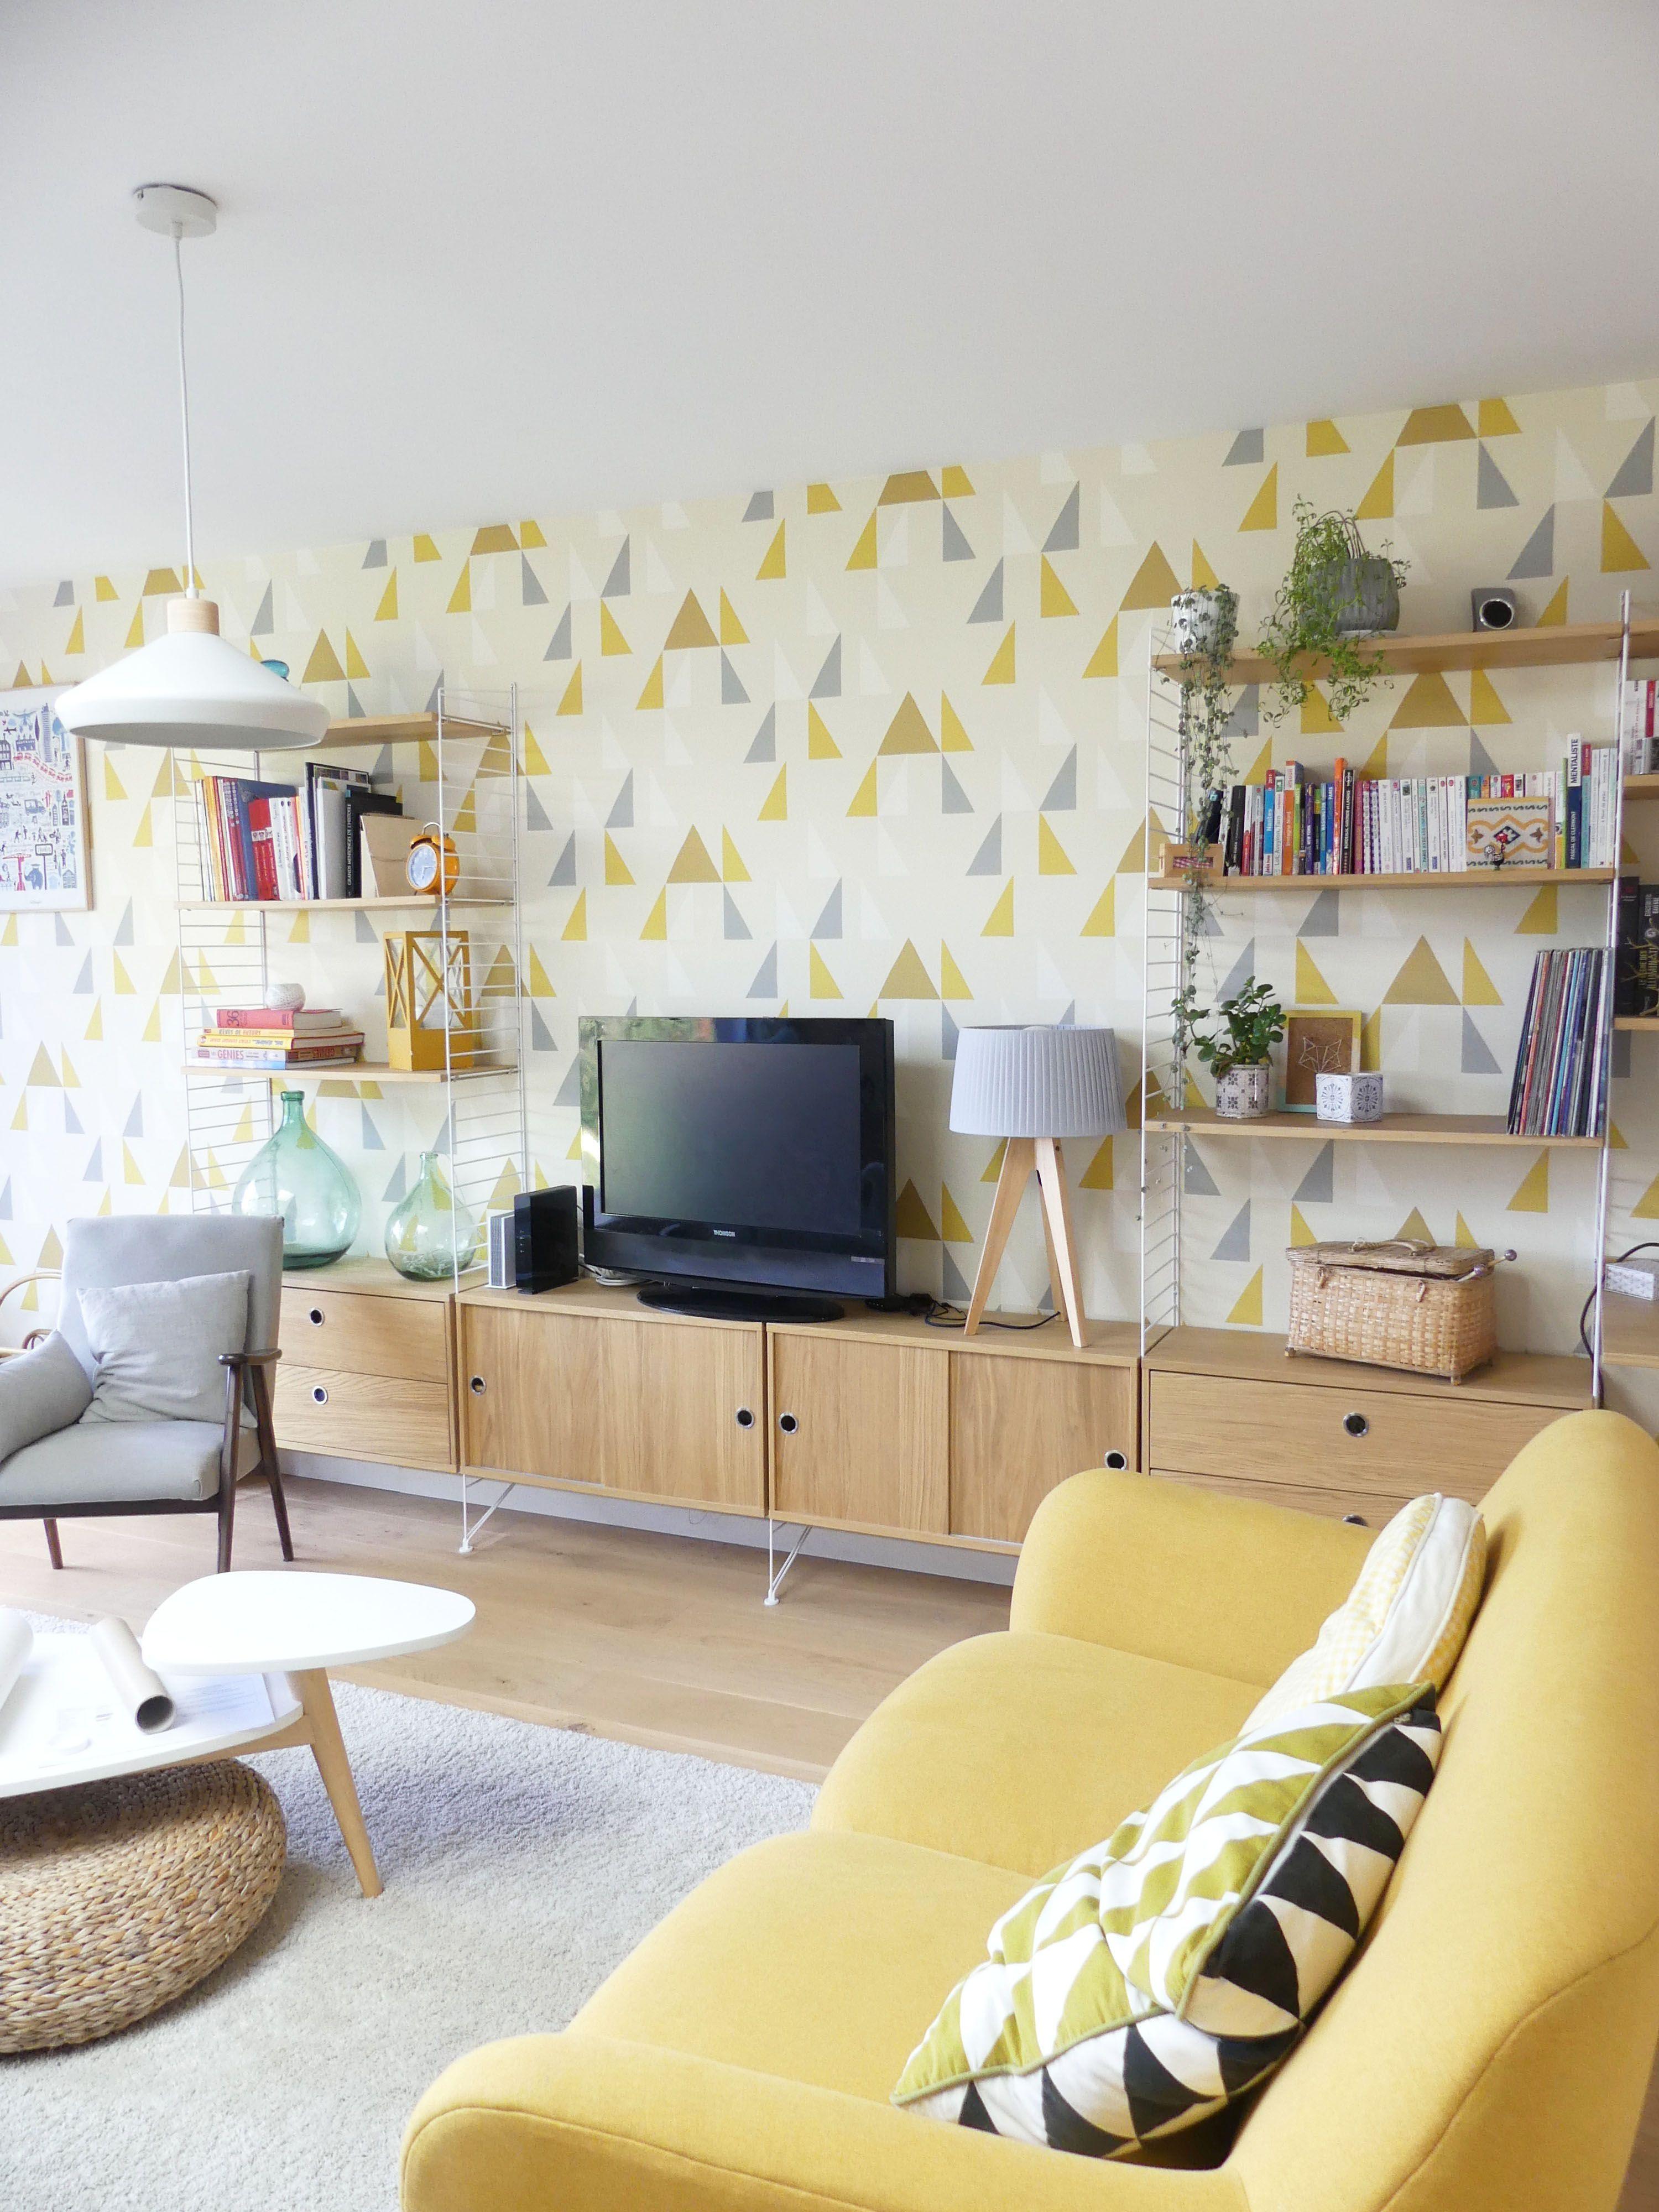 Décoration salon scandinave cocooning, ambiance vintage et moderne